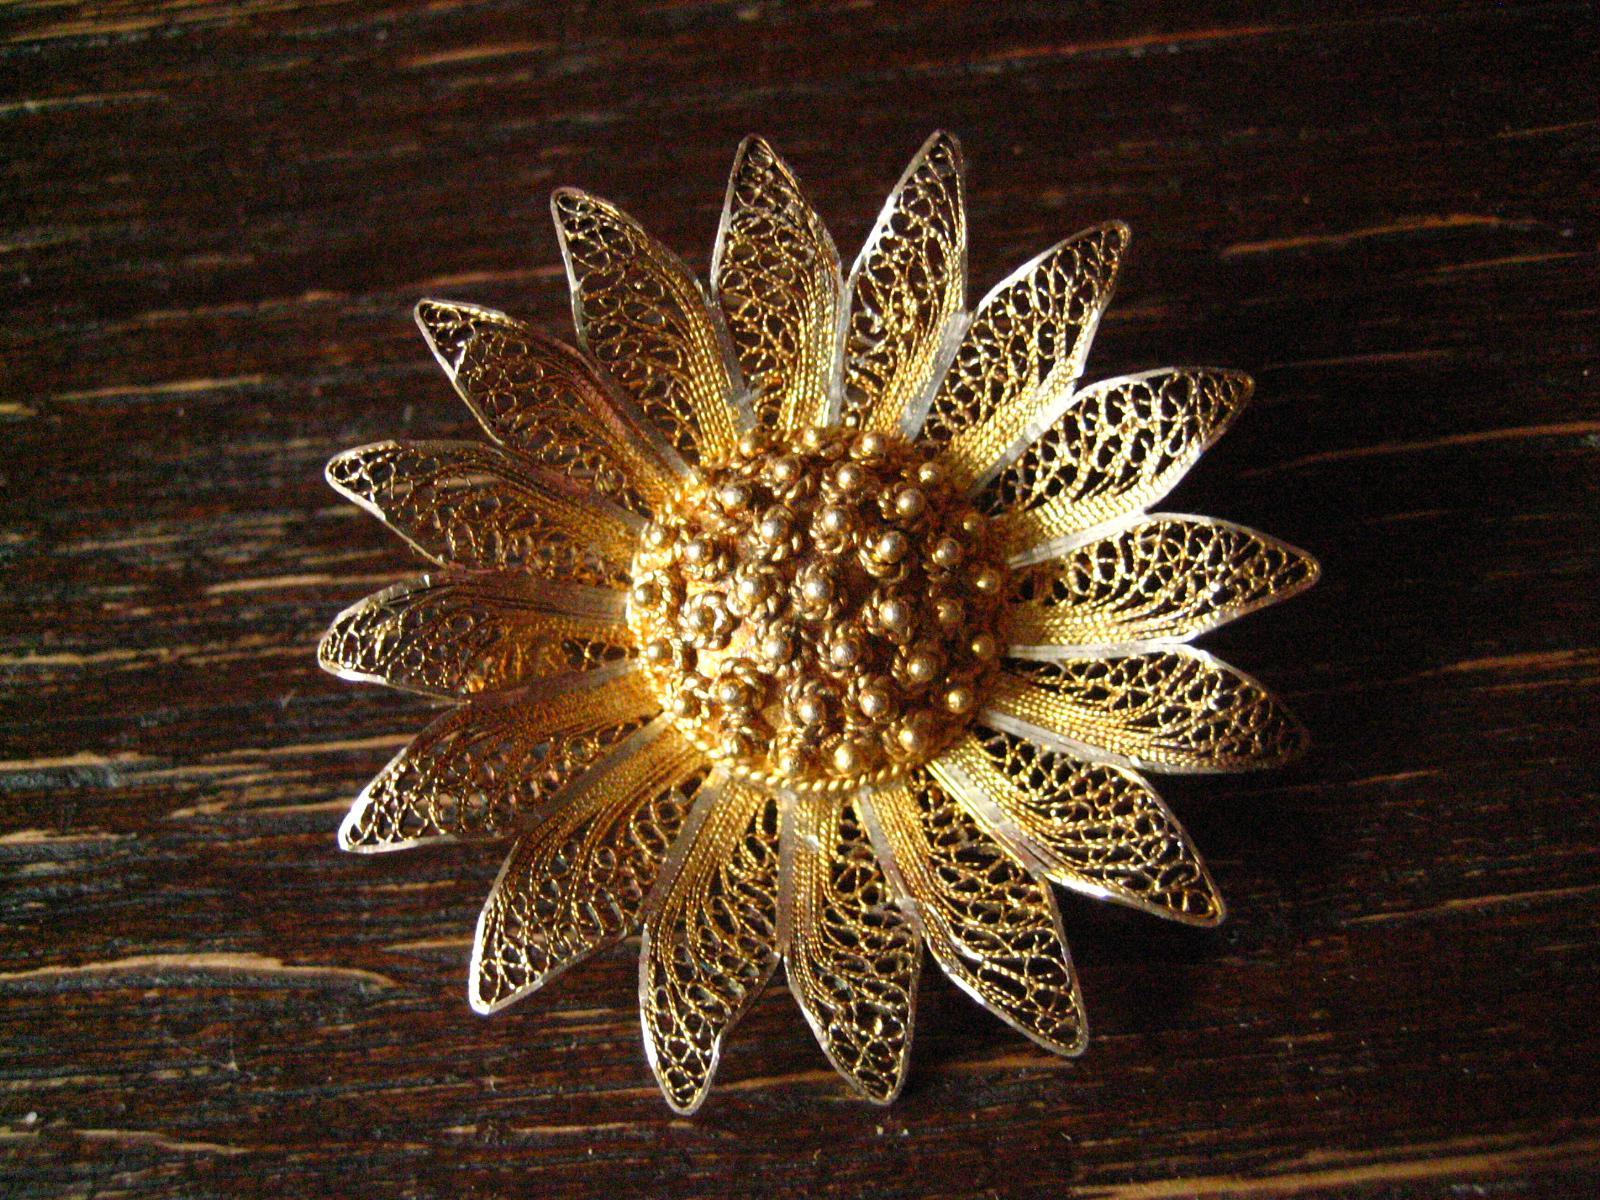 Unikate & Goldschmiedearbeiten Handarbeit Große Blüten Brosche Mit Steinen Aus 900 Silber